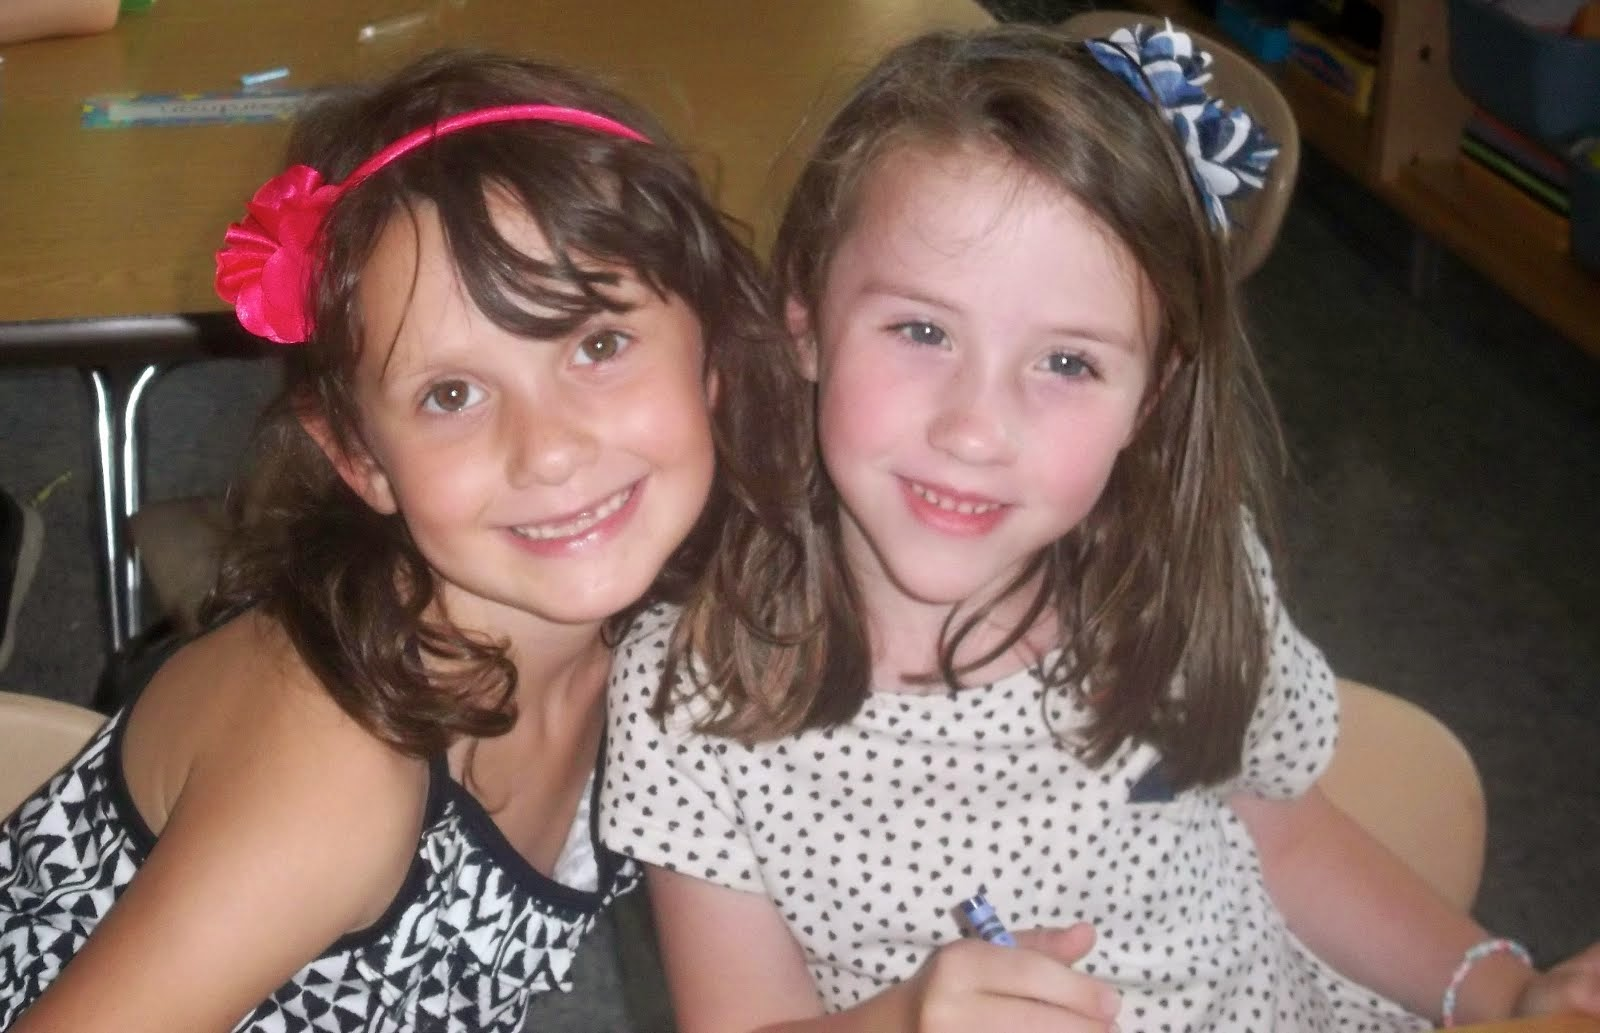 Megan and Abi